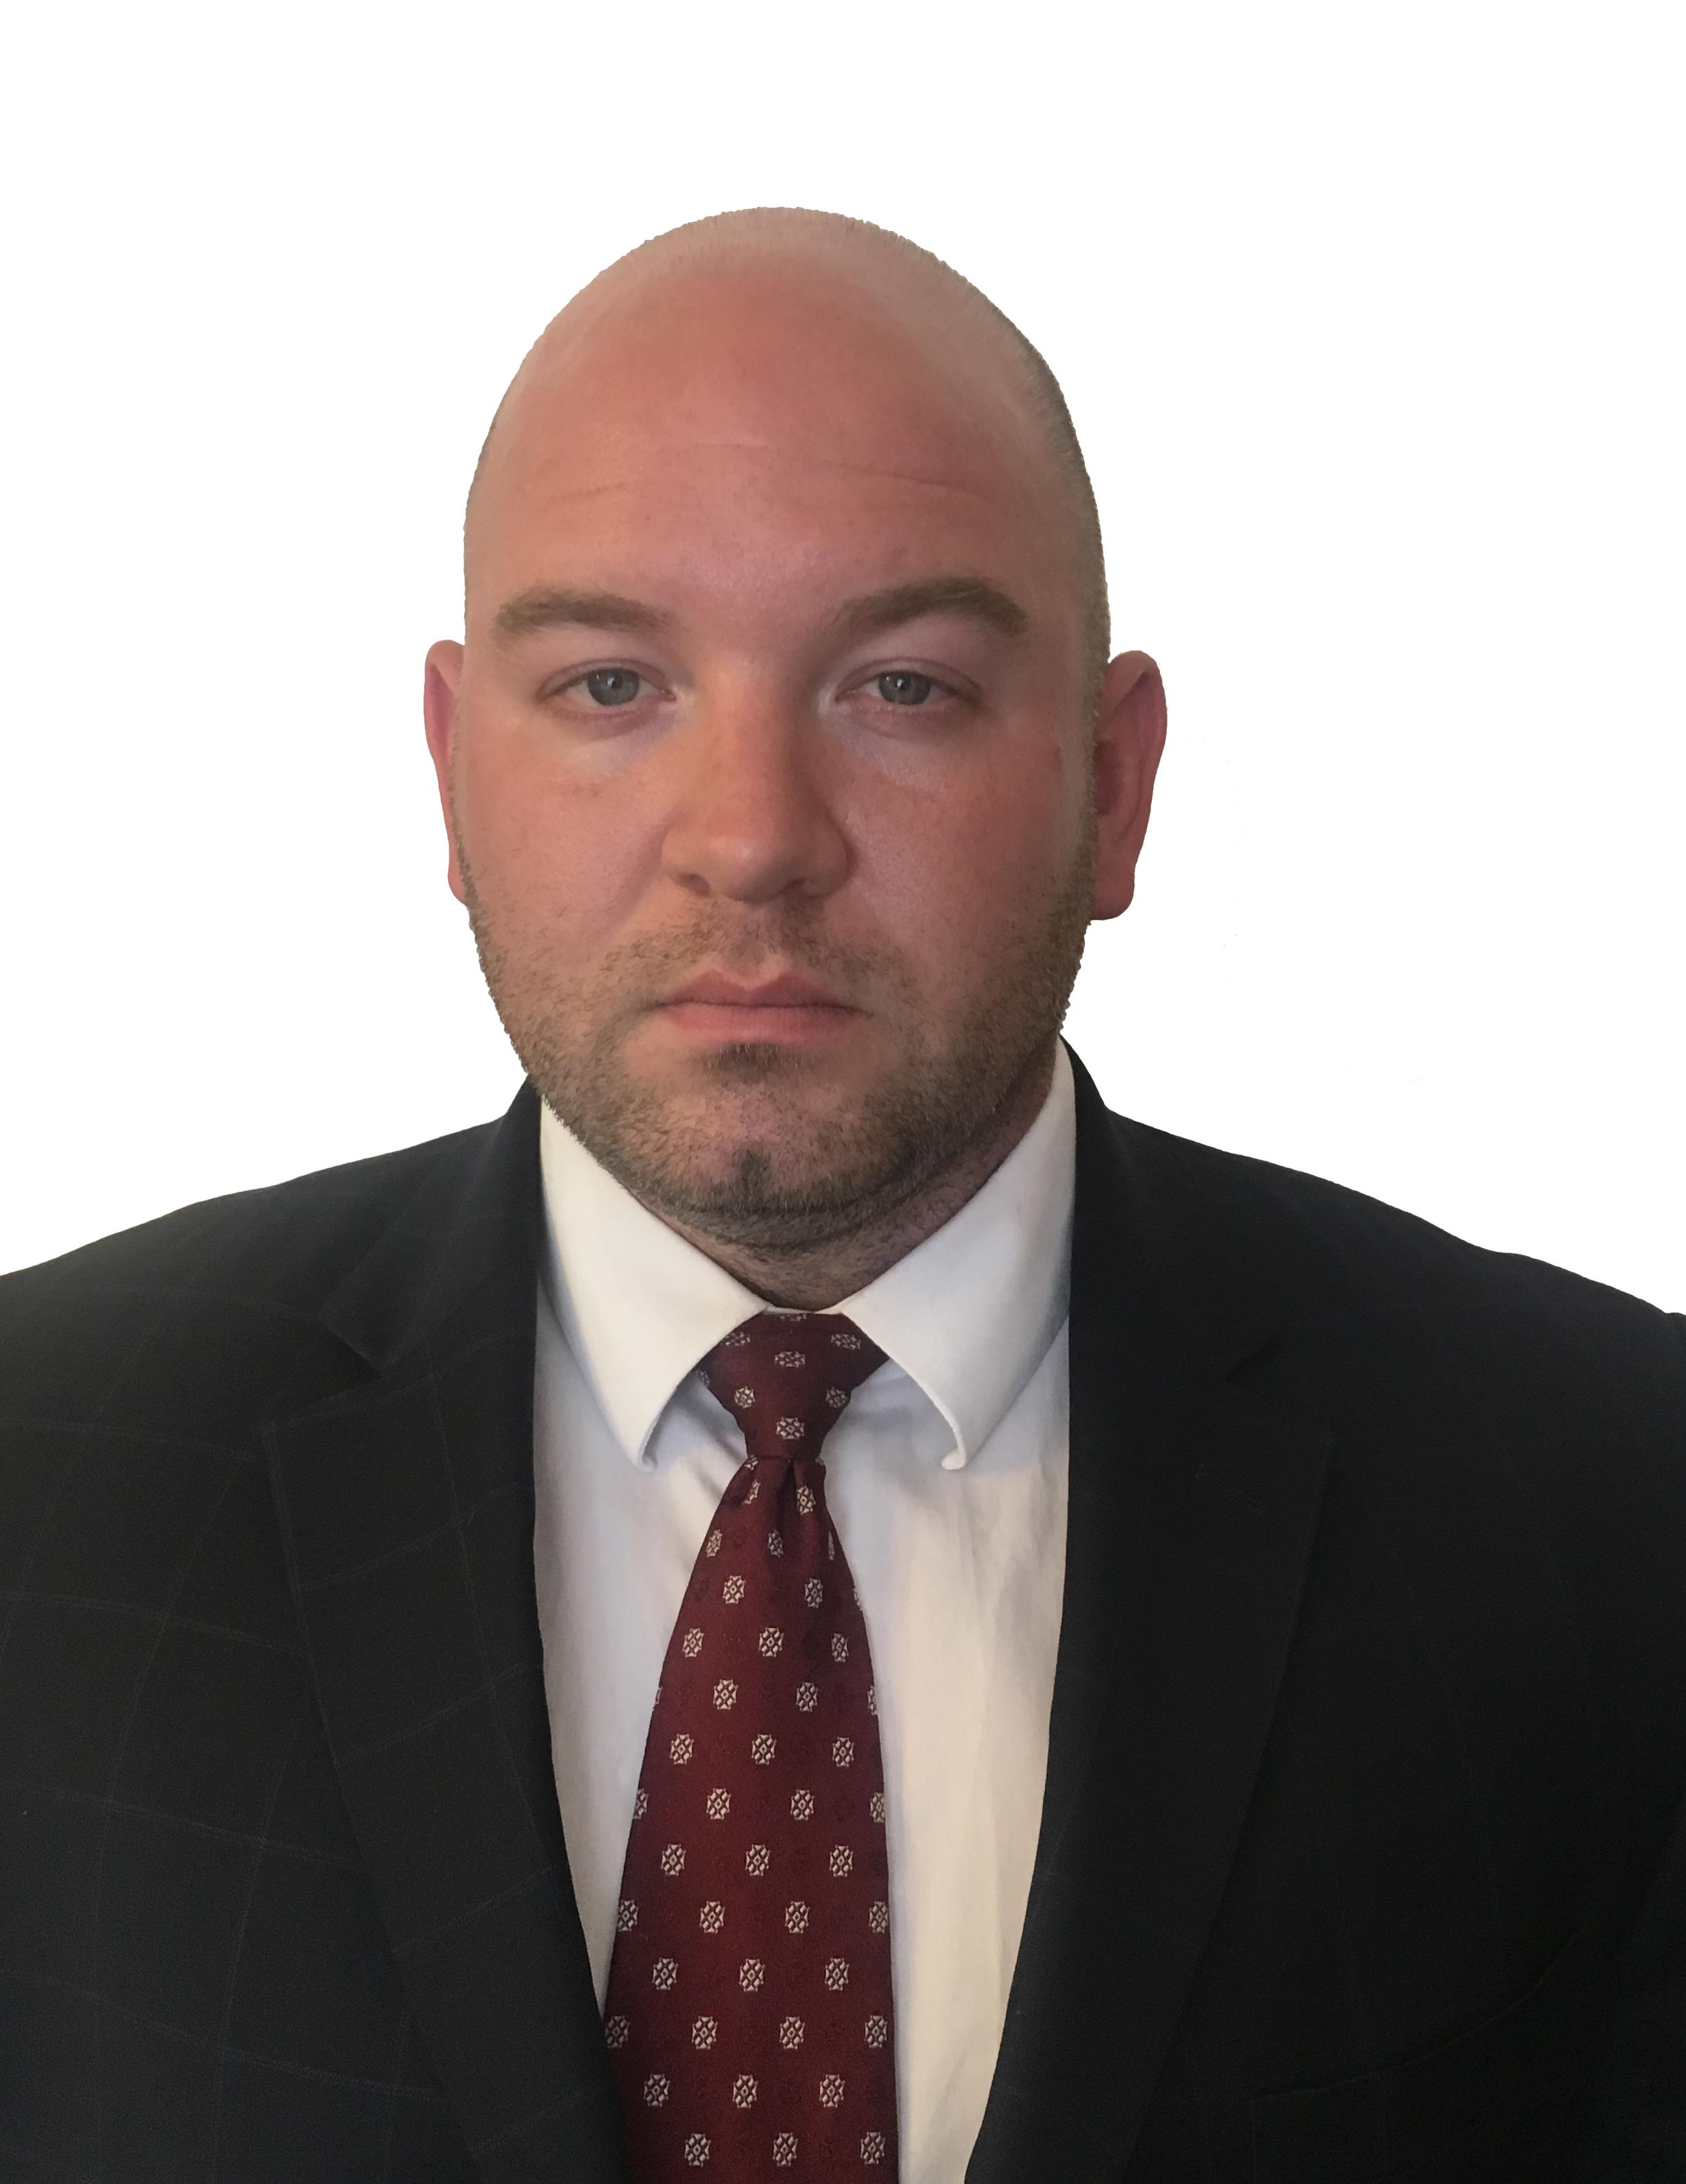 Sayegh Law attorney headshot